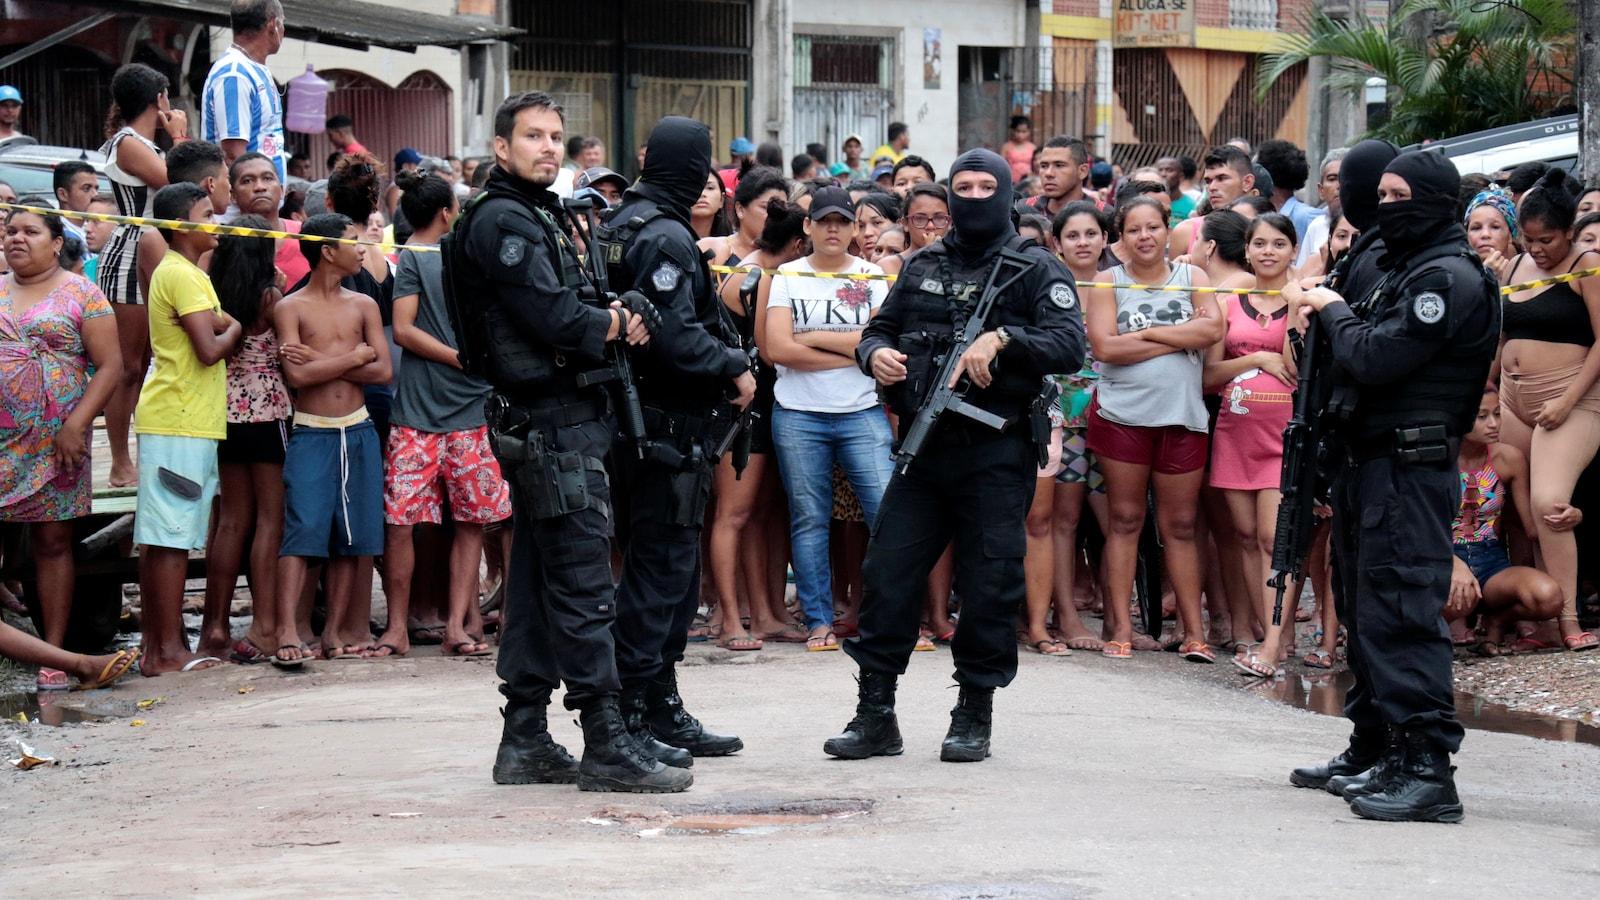 Plusieurs morts dans une fusillade dans un bar — Brésil